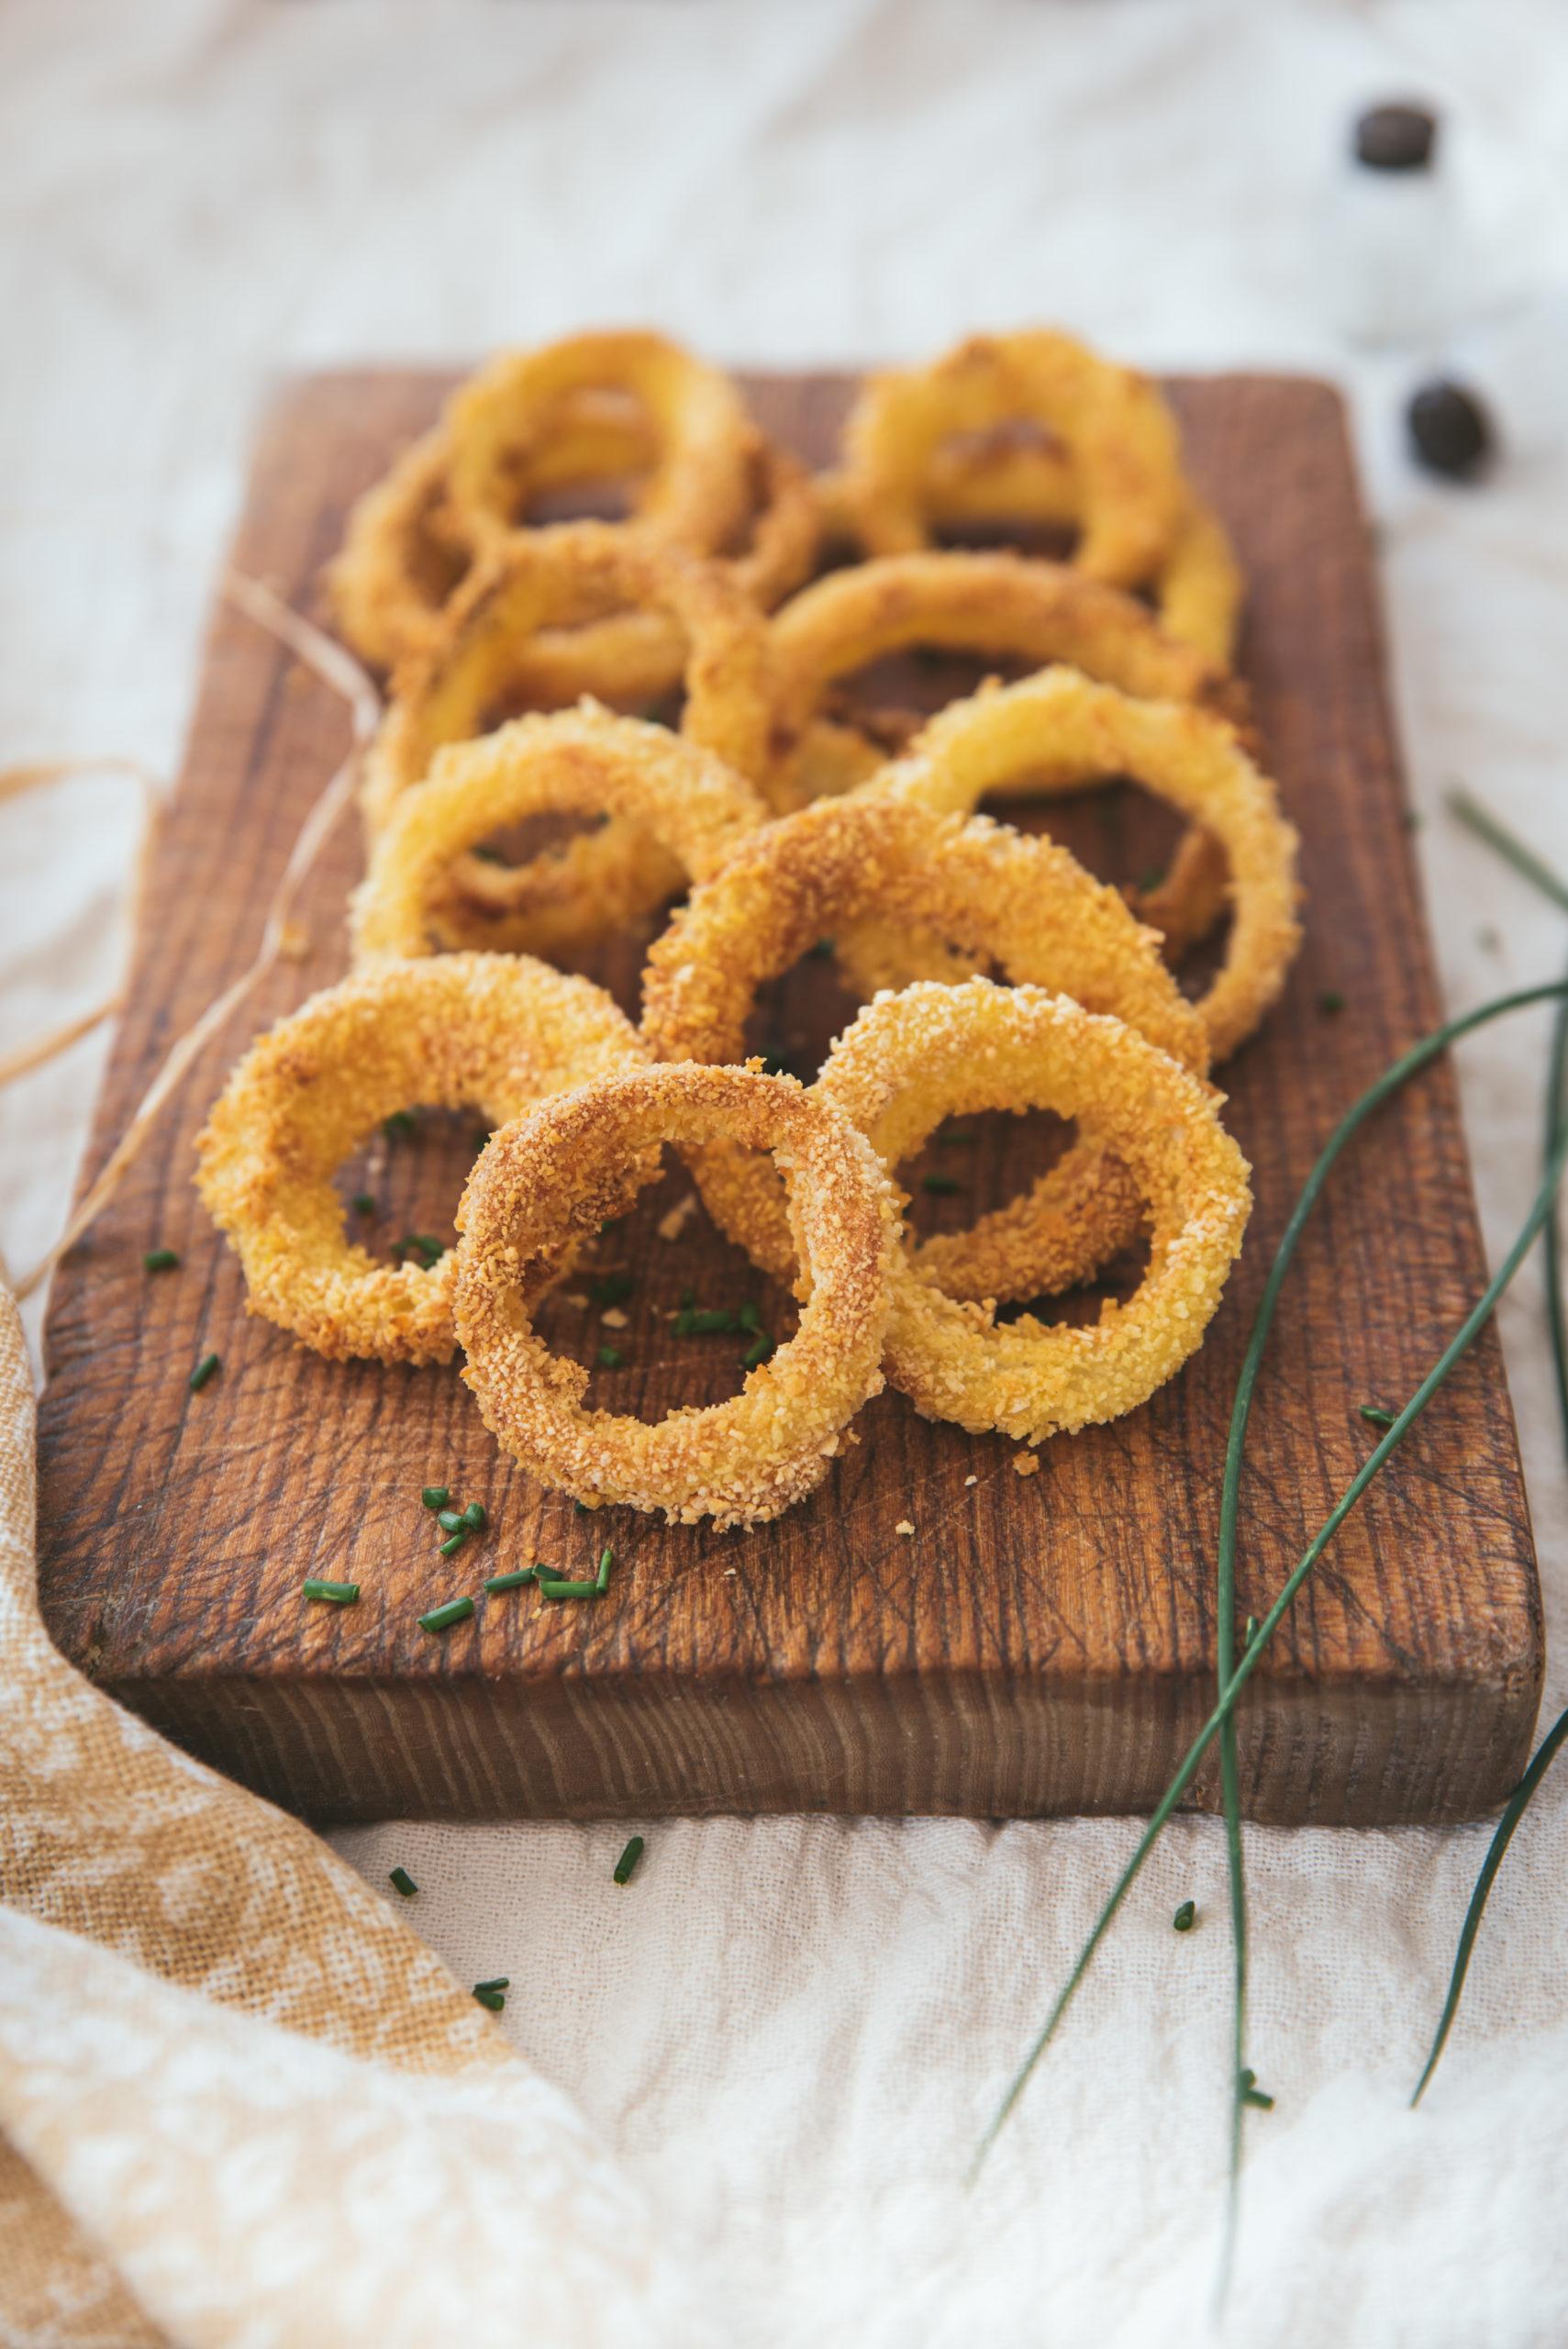 recette apéro onion ring